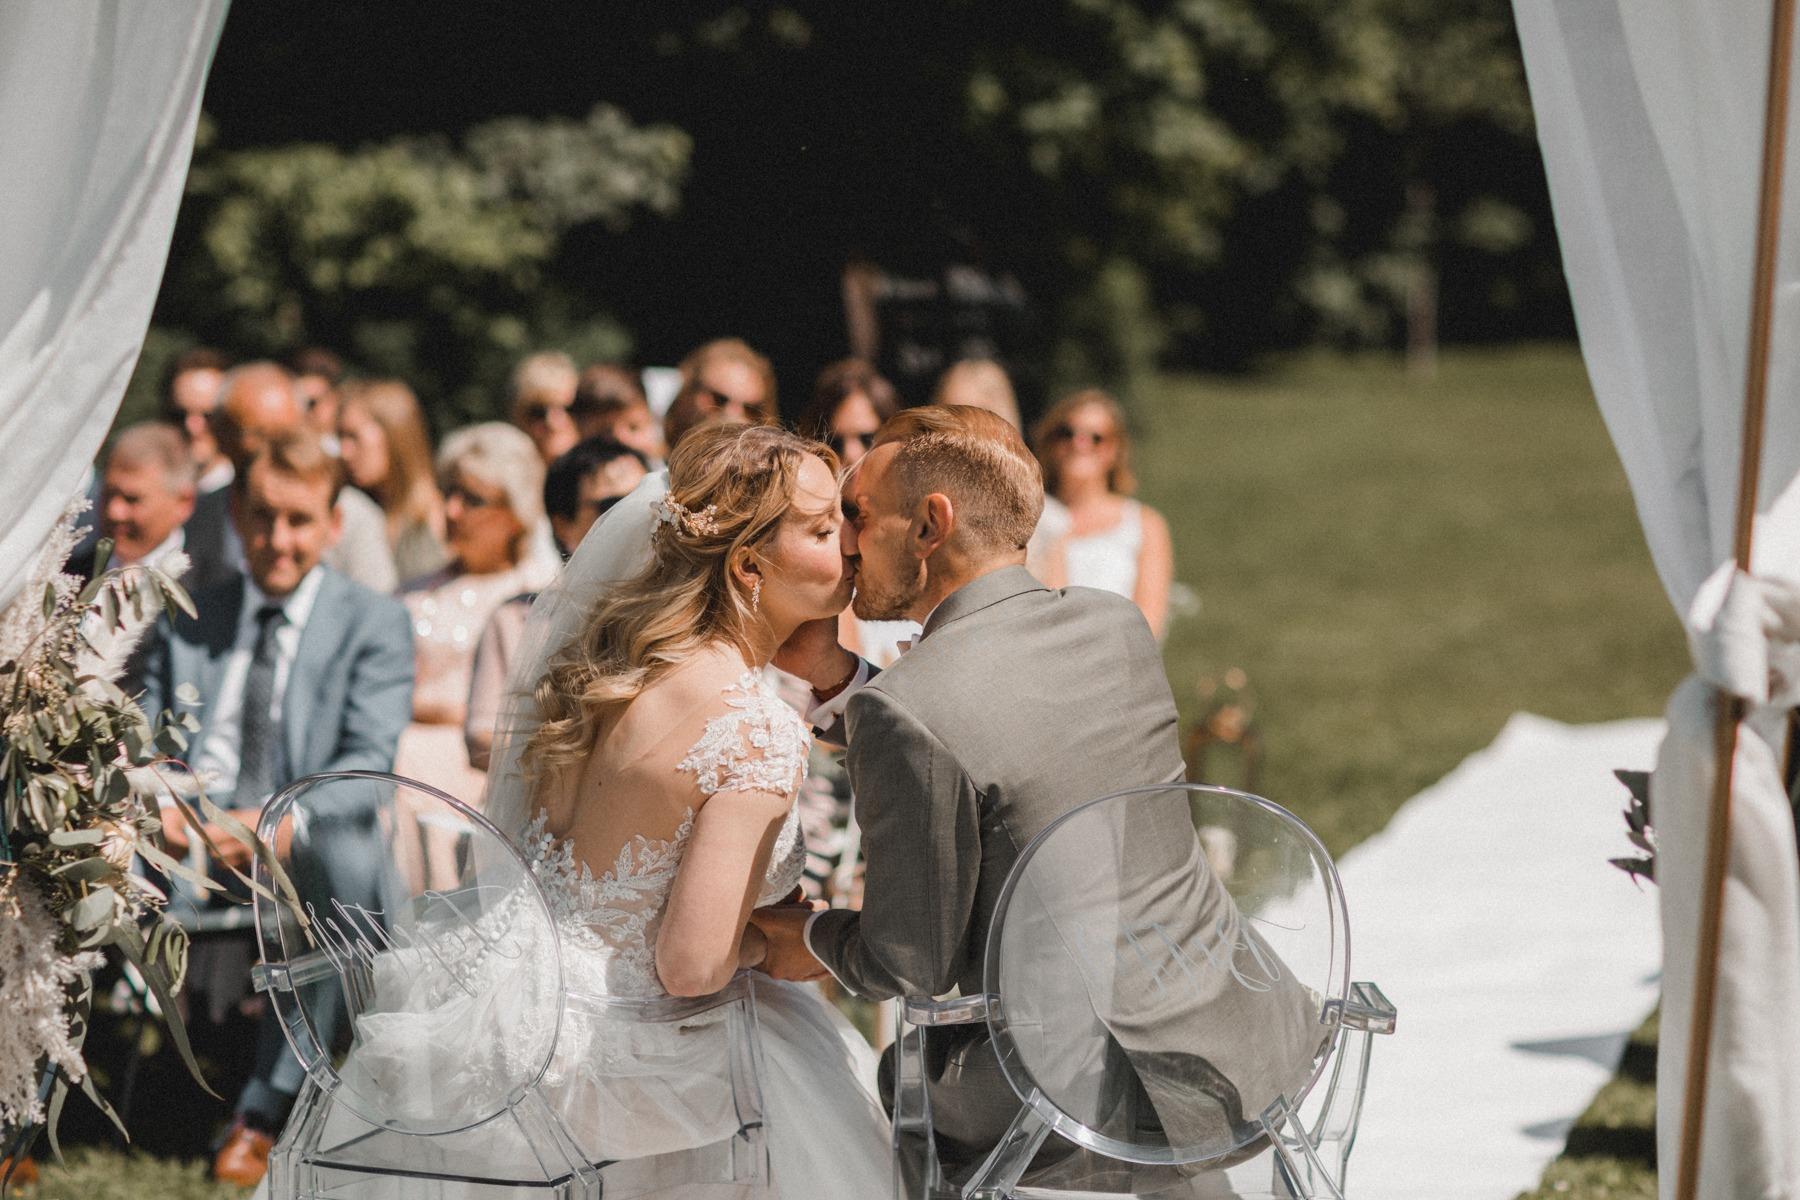 Die freie Trauung und das glückliche Brautpaar